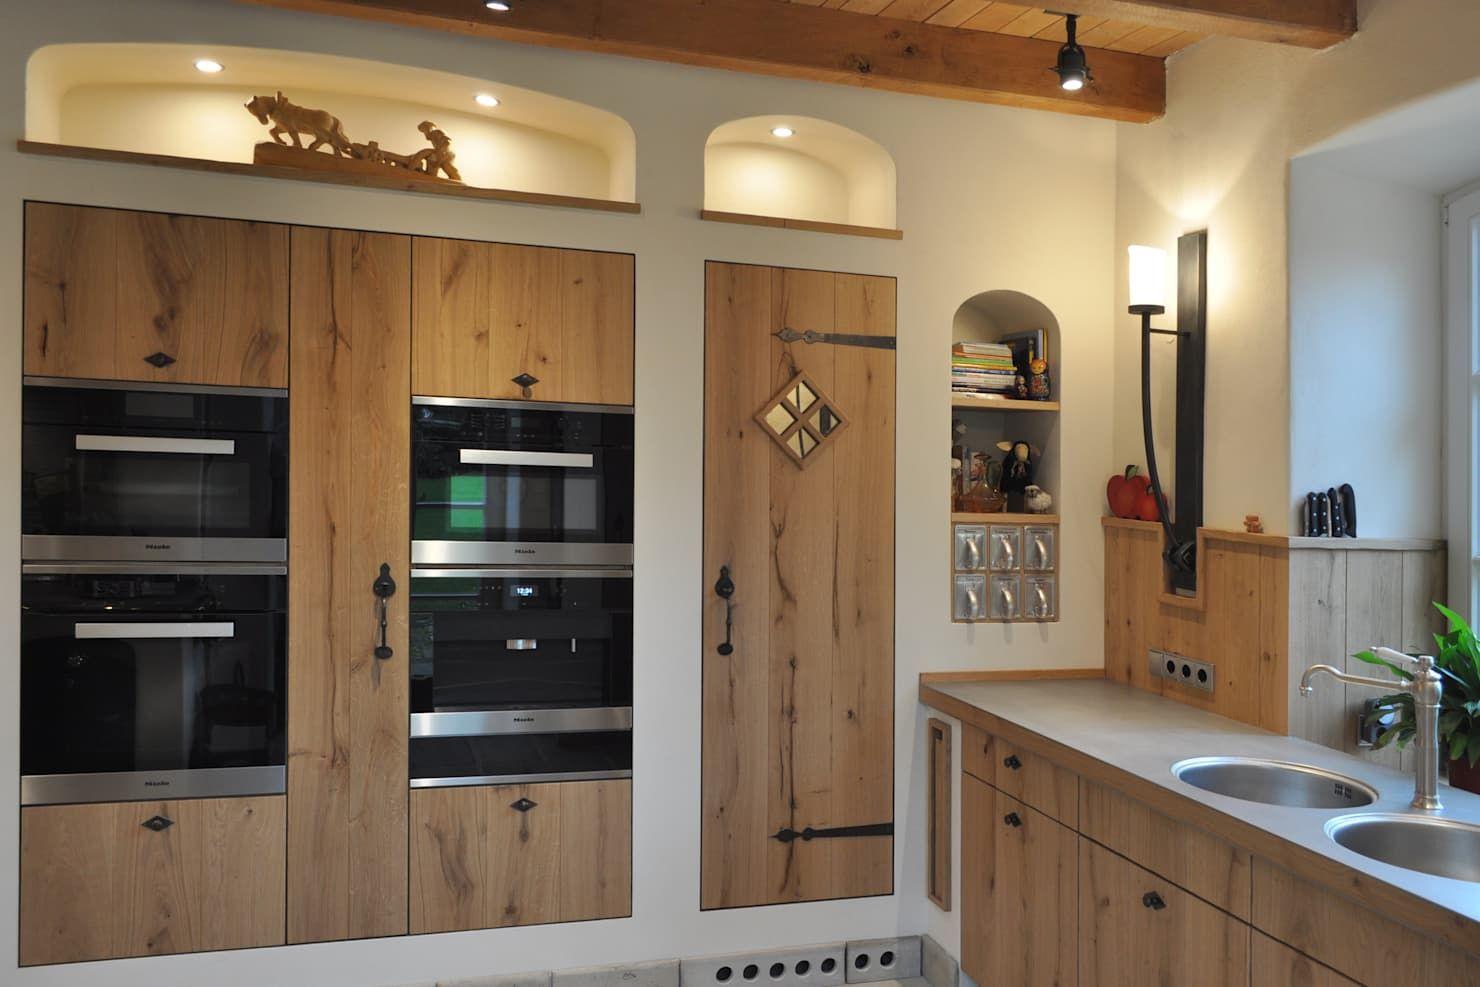 Landhauskuche Nach Mass Landhaus Kuchen Von Klocke Mobelwerkstatte Gmbh Landhaus Holz Holznachbildung In 2020 Haus Kuchen Landhauskuche Und Hausrenovierung